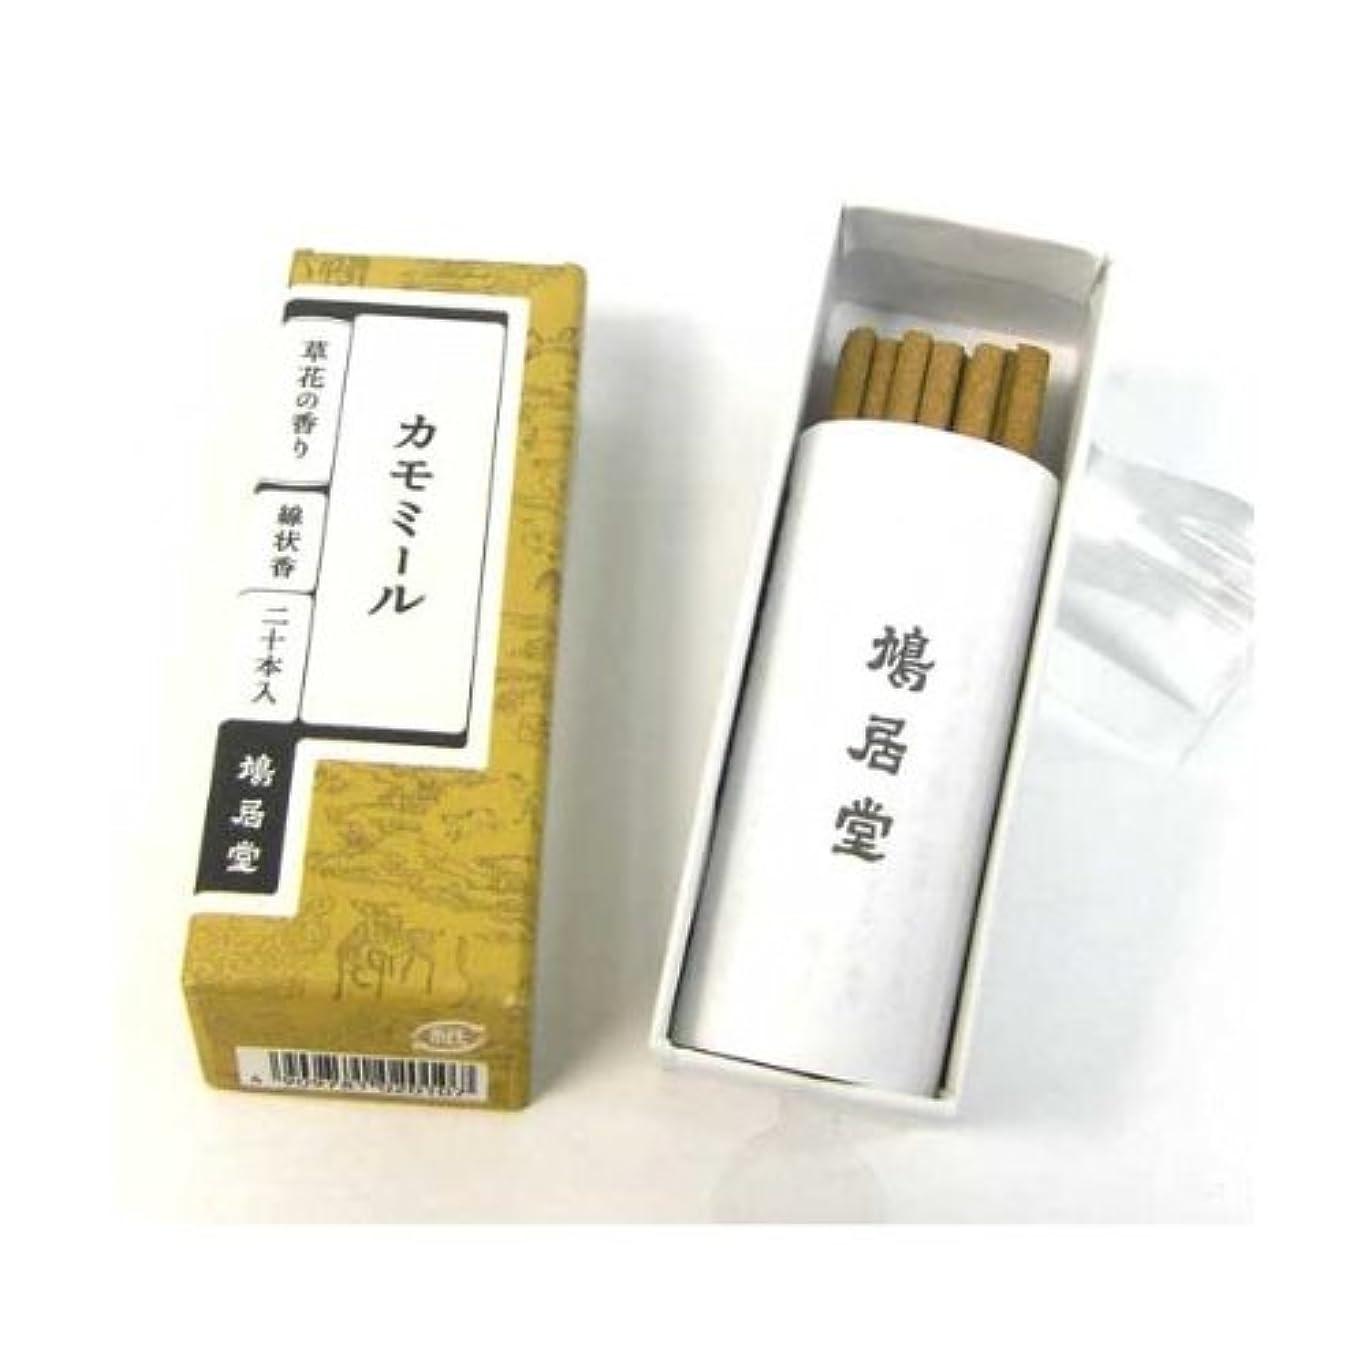 足枷家具オーバーヘッド鳩居堂 お香 カモミール 草花の香りシリーズ スティックタイプ(棒状香)20本いり